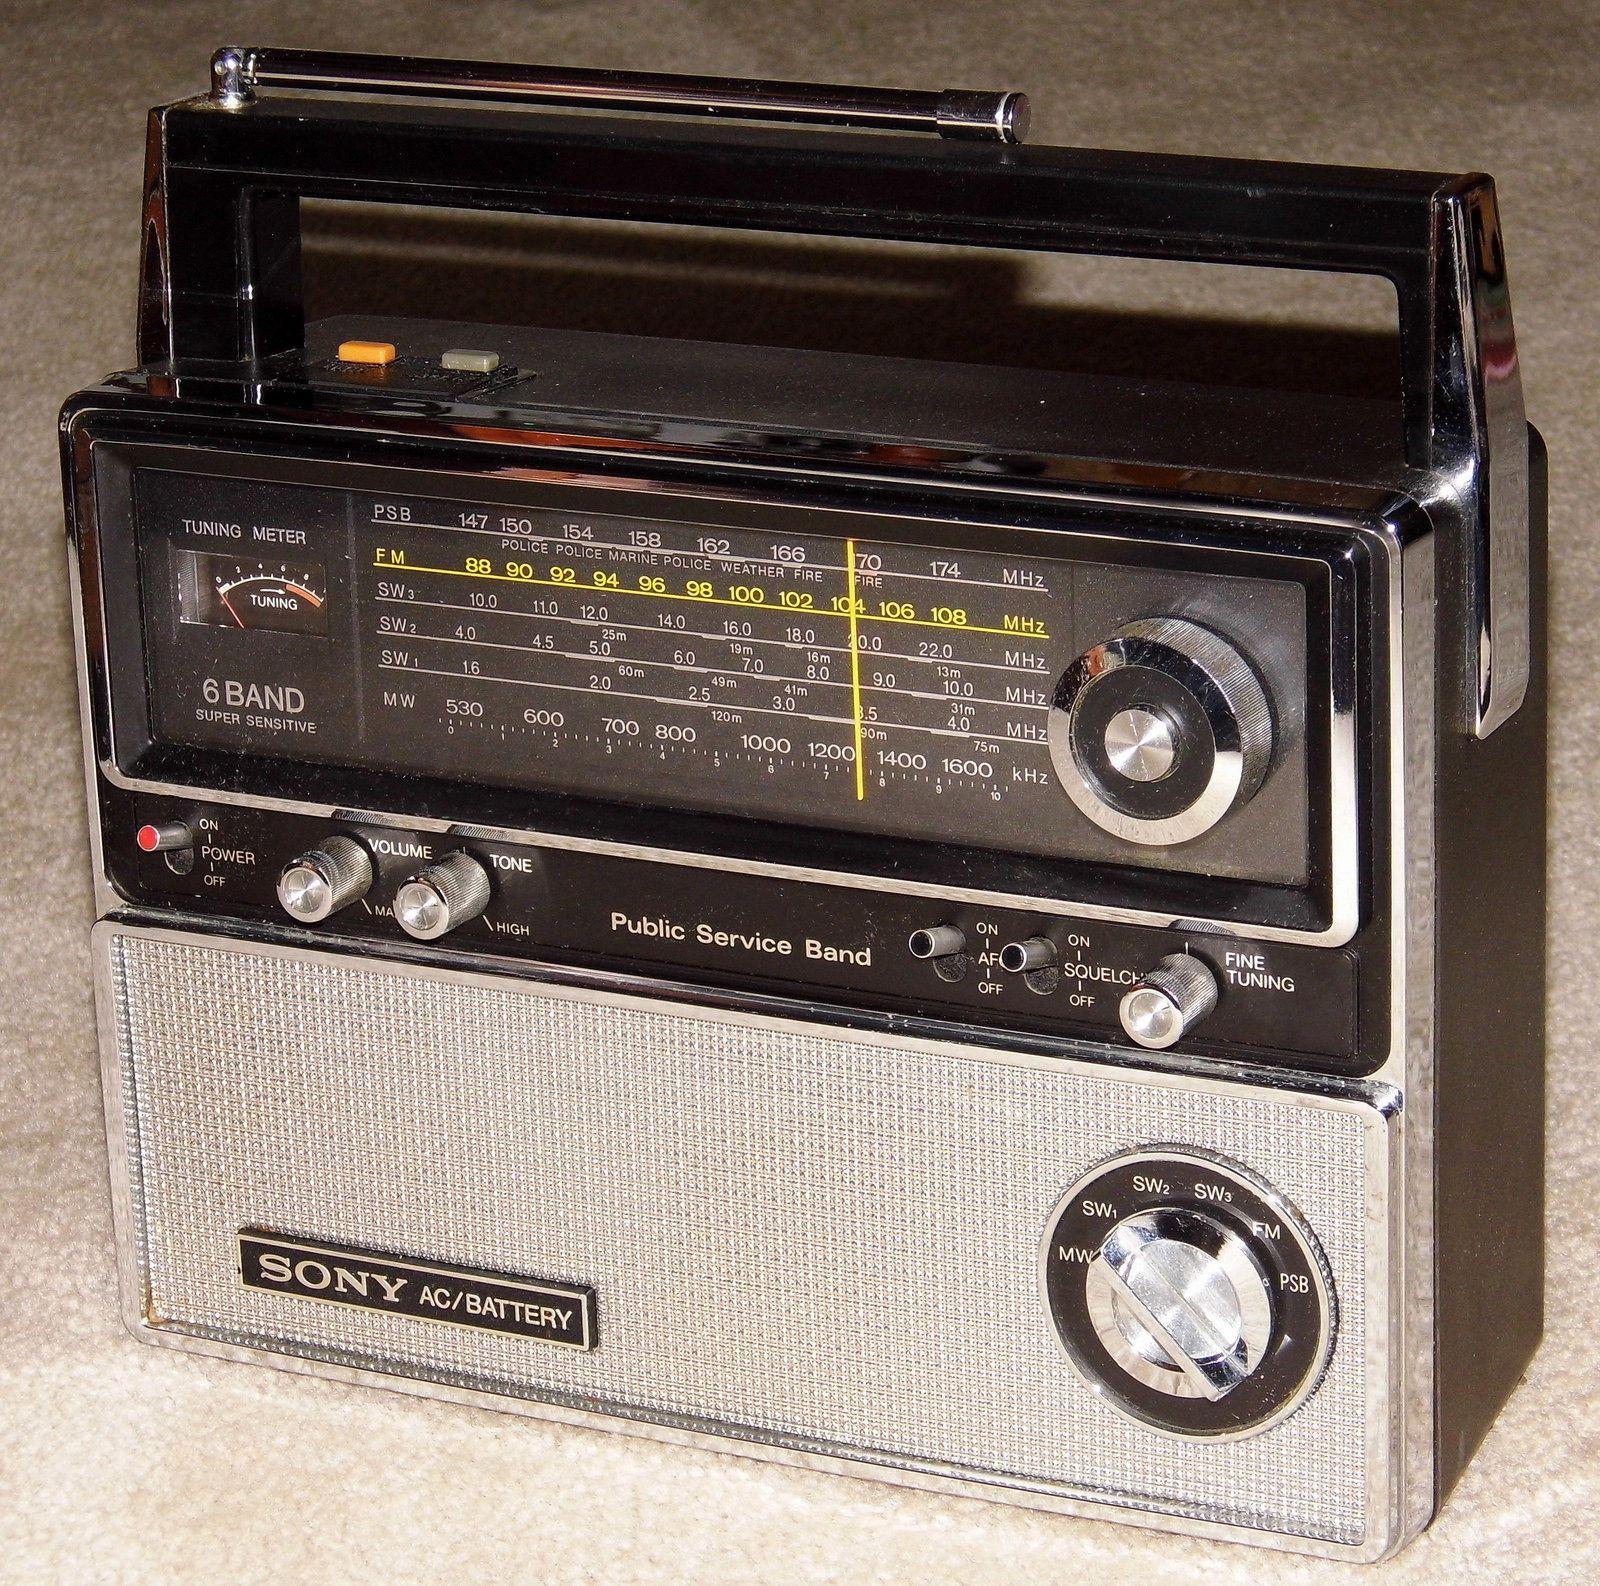 Vintage Sony Multi Band Radio Model Tfm 8000w 6 Bands Am Fm 3